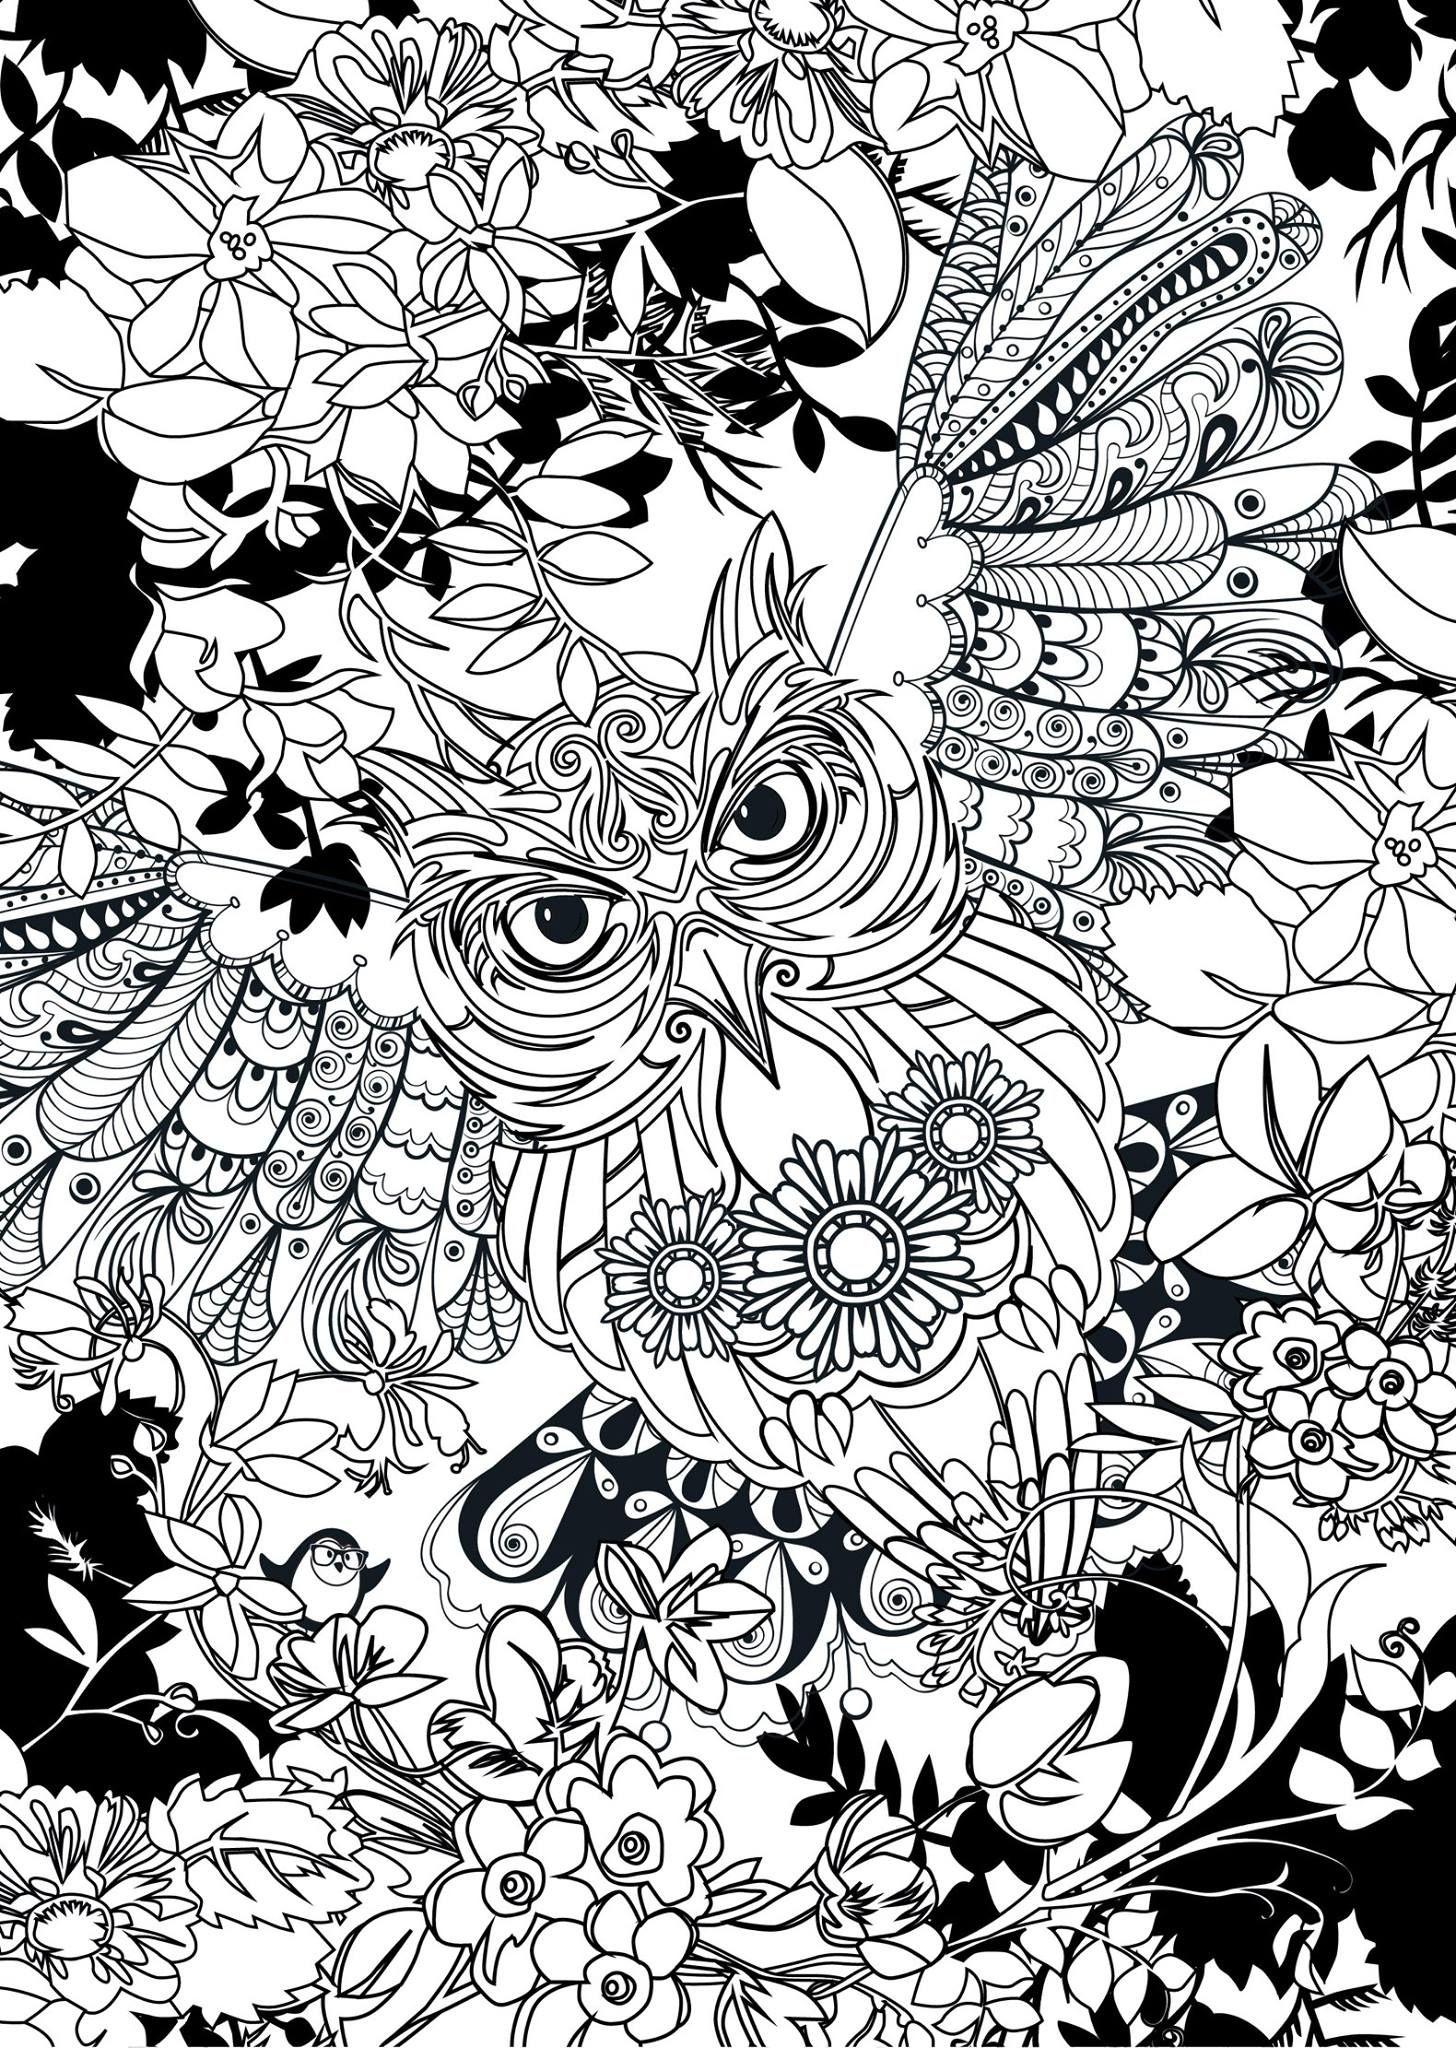 Pin von Jacque Tadei auf Outros desenhos | Pinterest | Malvorlagen ...